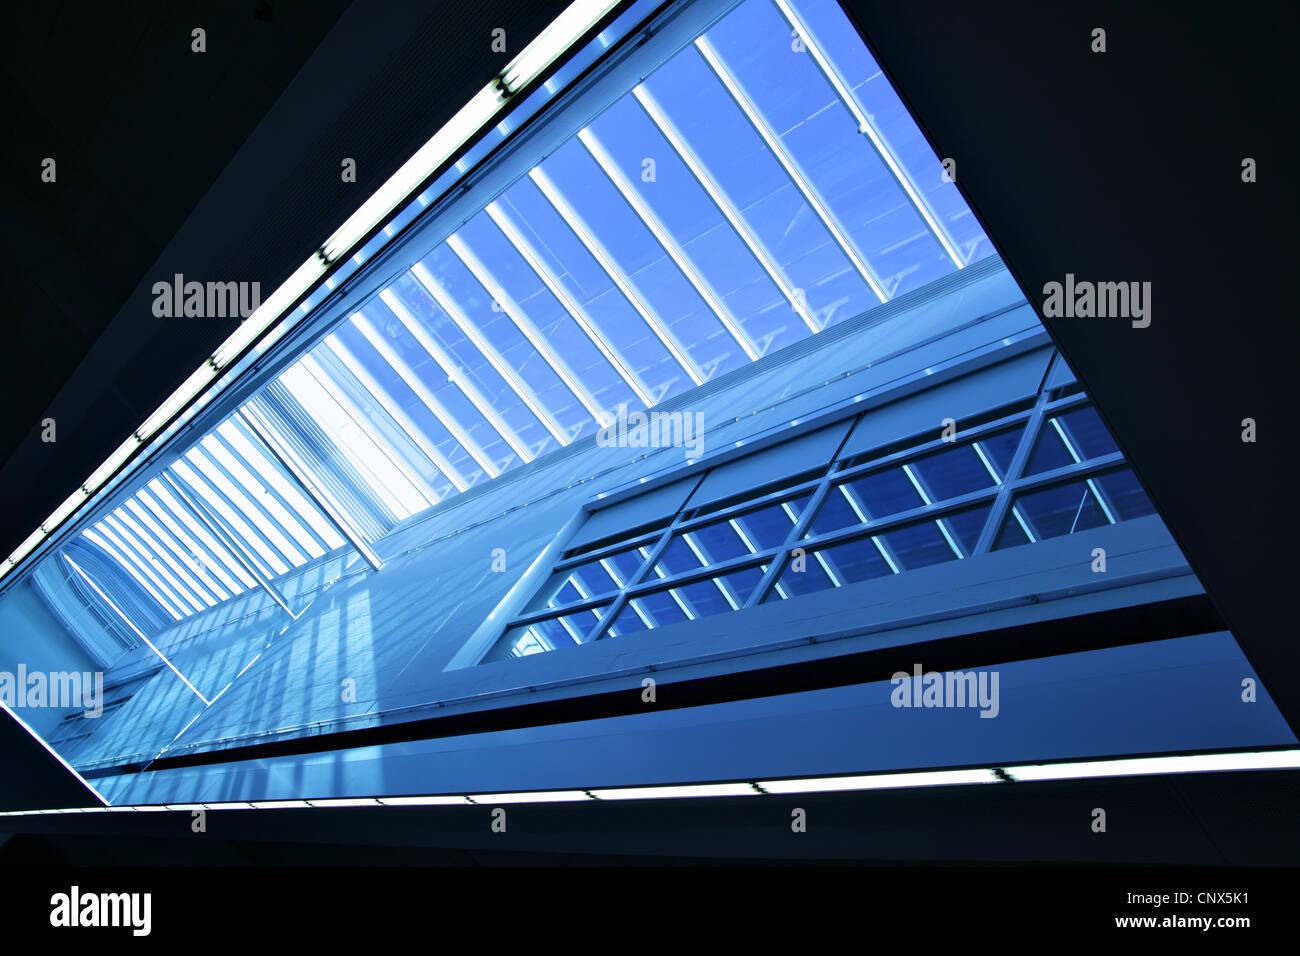 Ampia angolazione di arredamento moderno con lucernario finestra Foto Stock